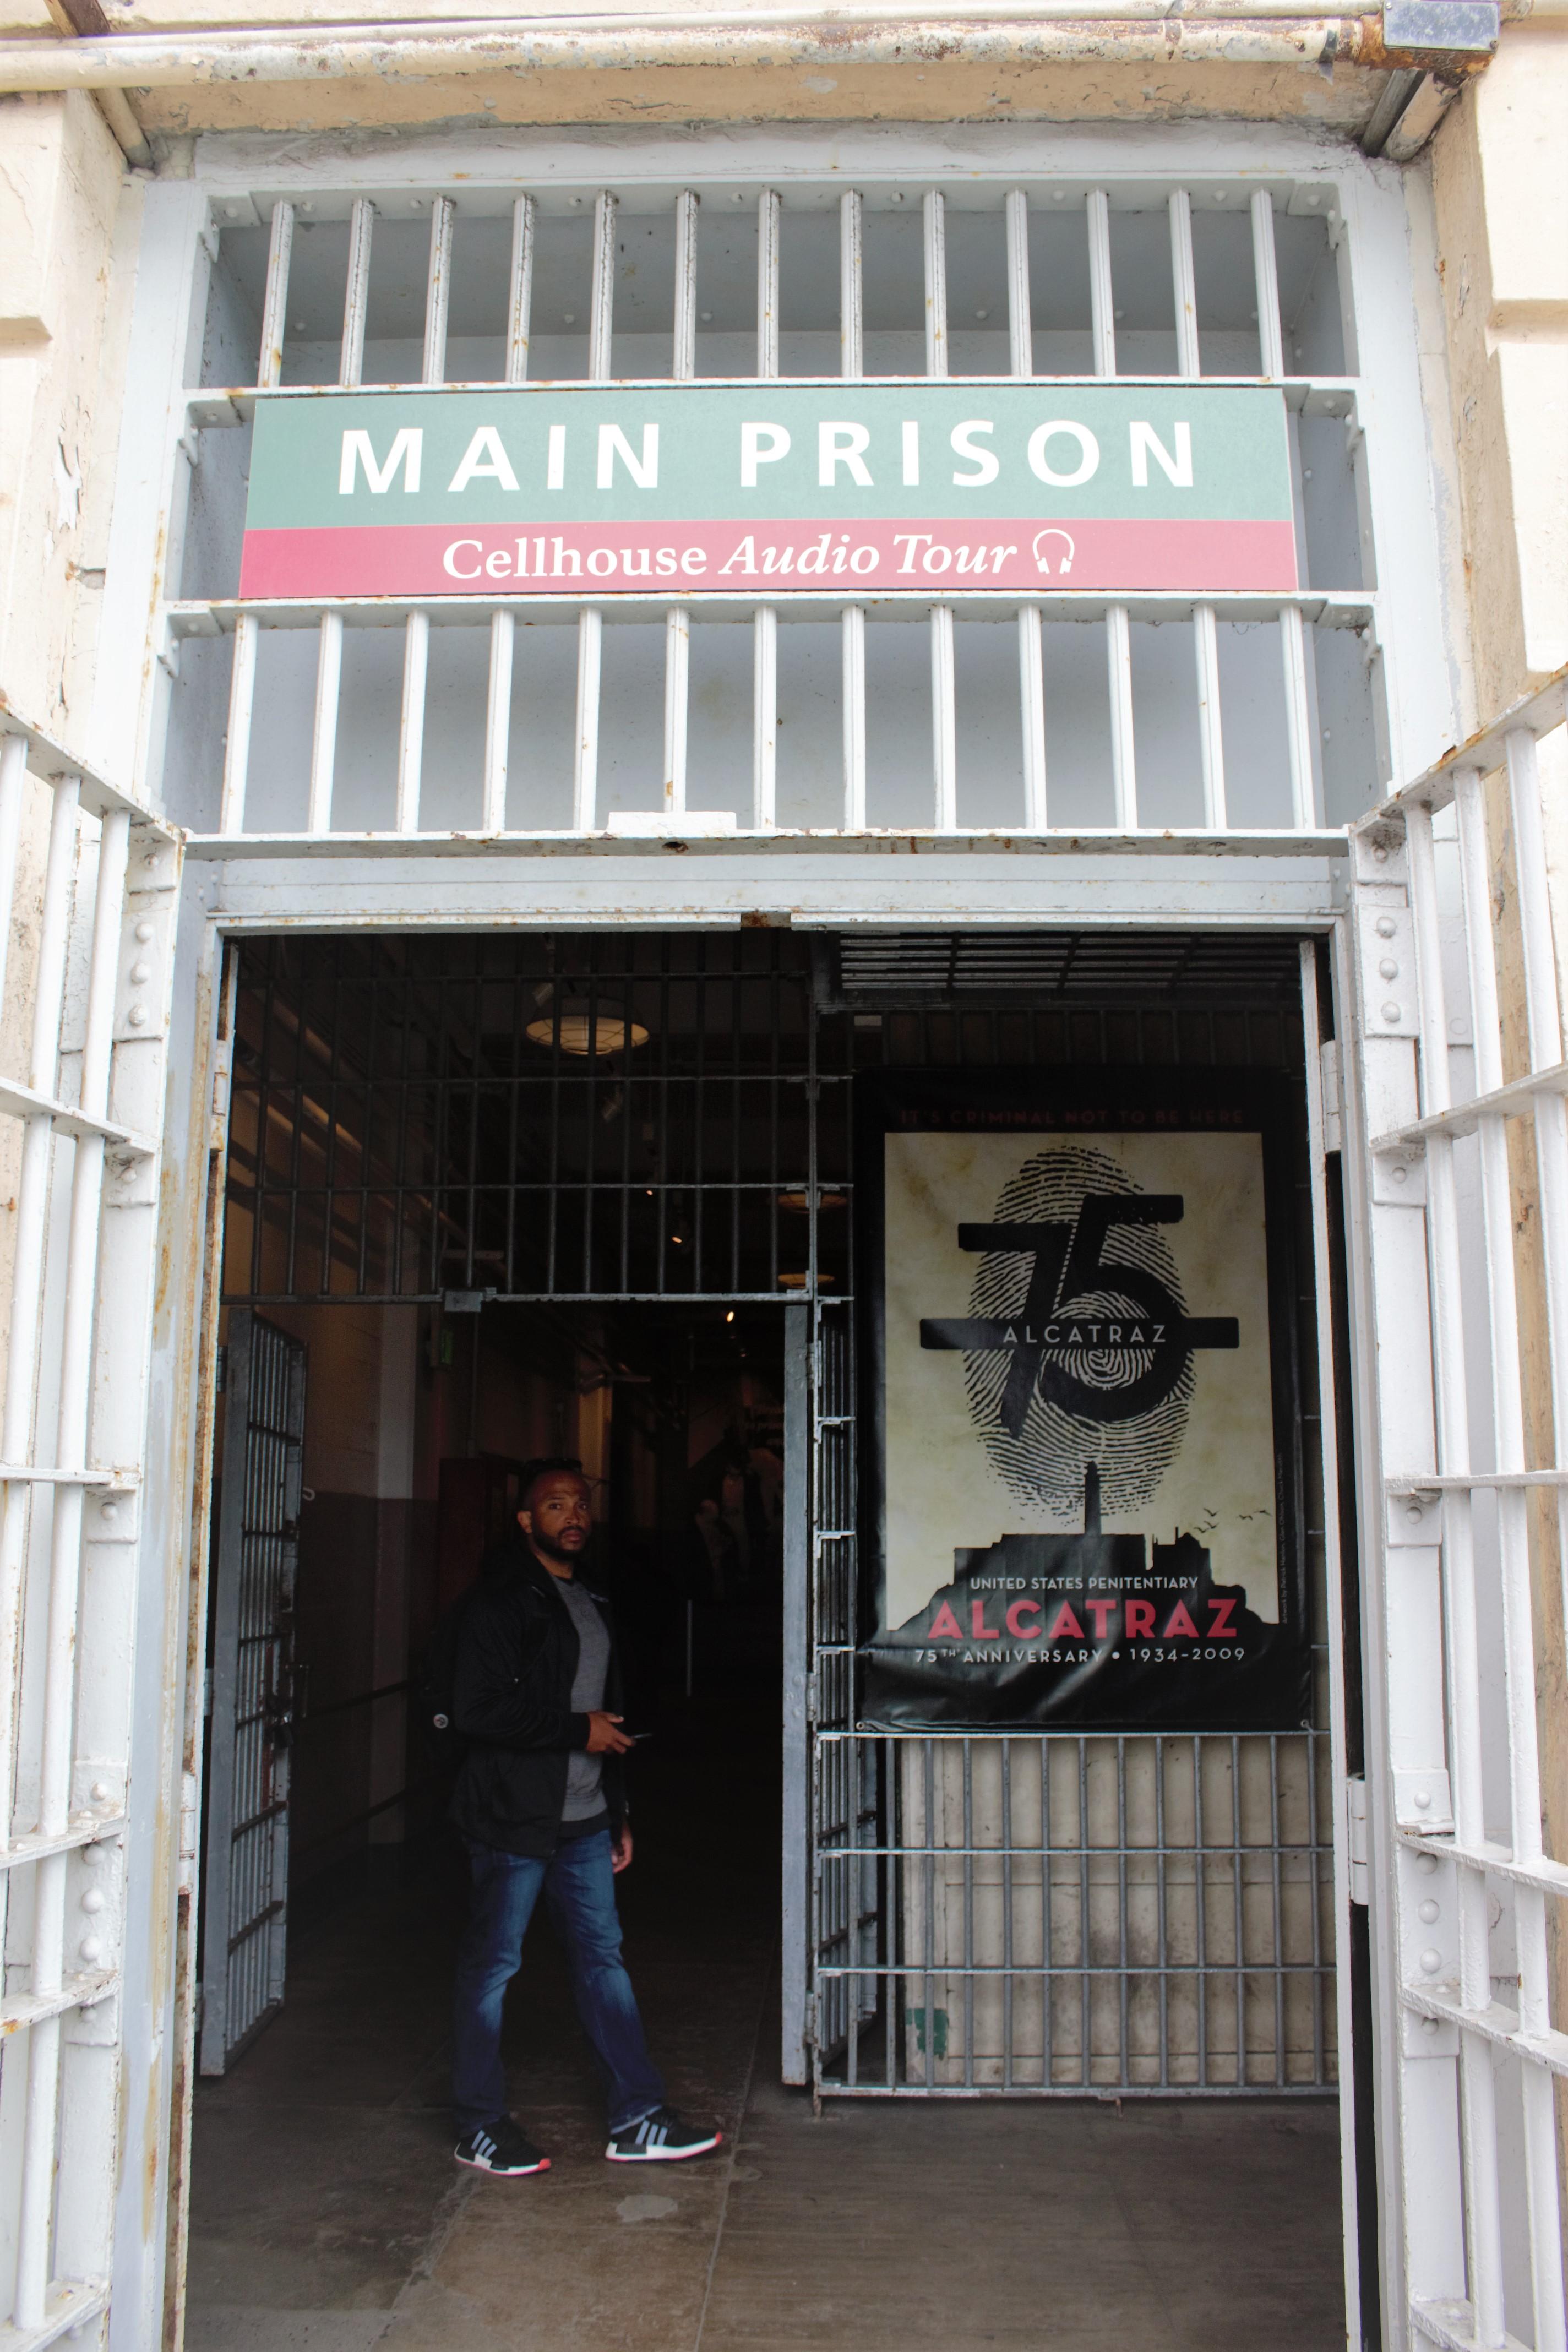 alcatraz prison,Alcatraz island, Alcatraz tour, Alcatraz San Francisco, Alcatraz history, Alcatraz, Alcatraz cruise